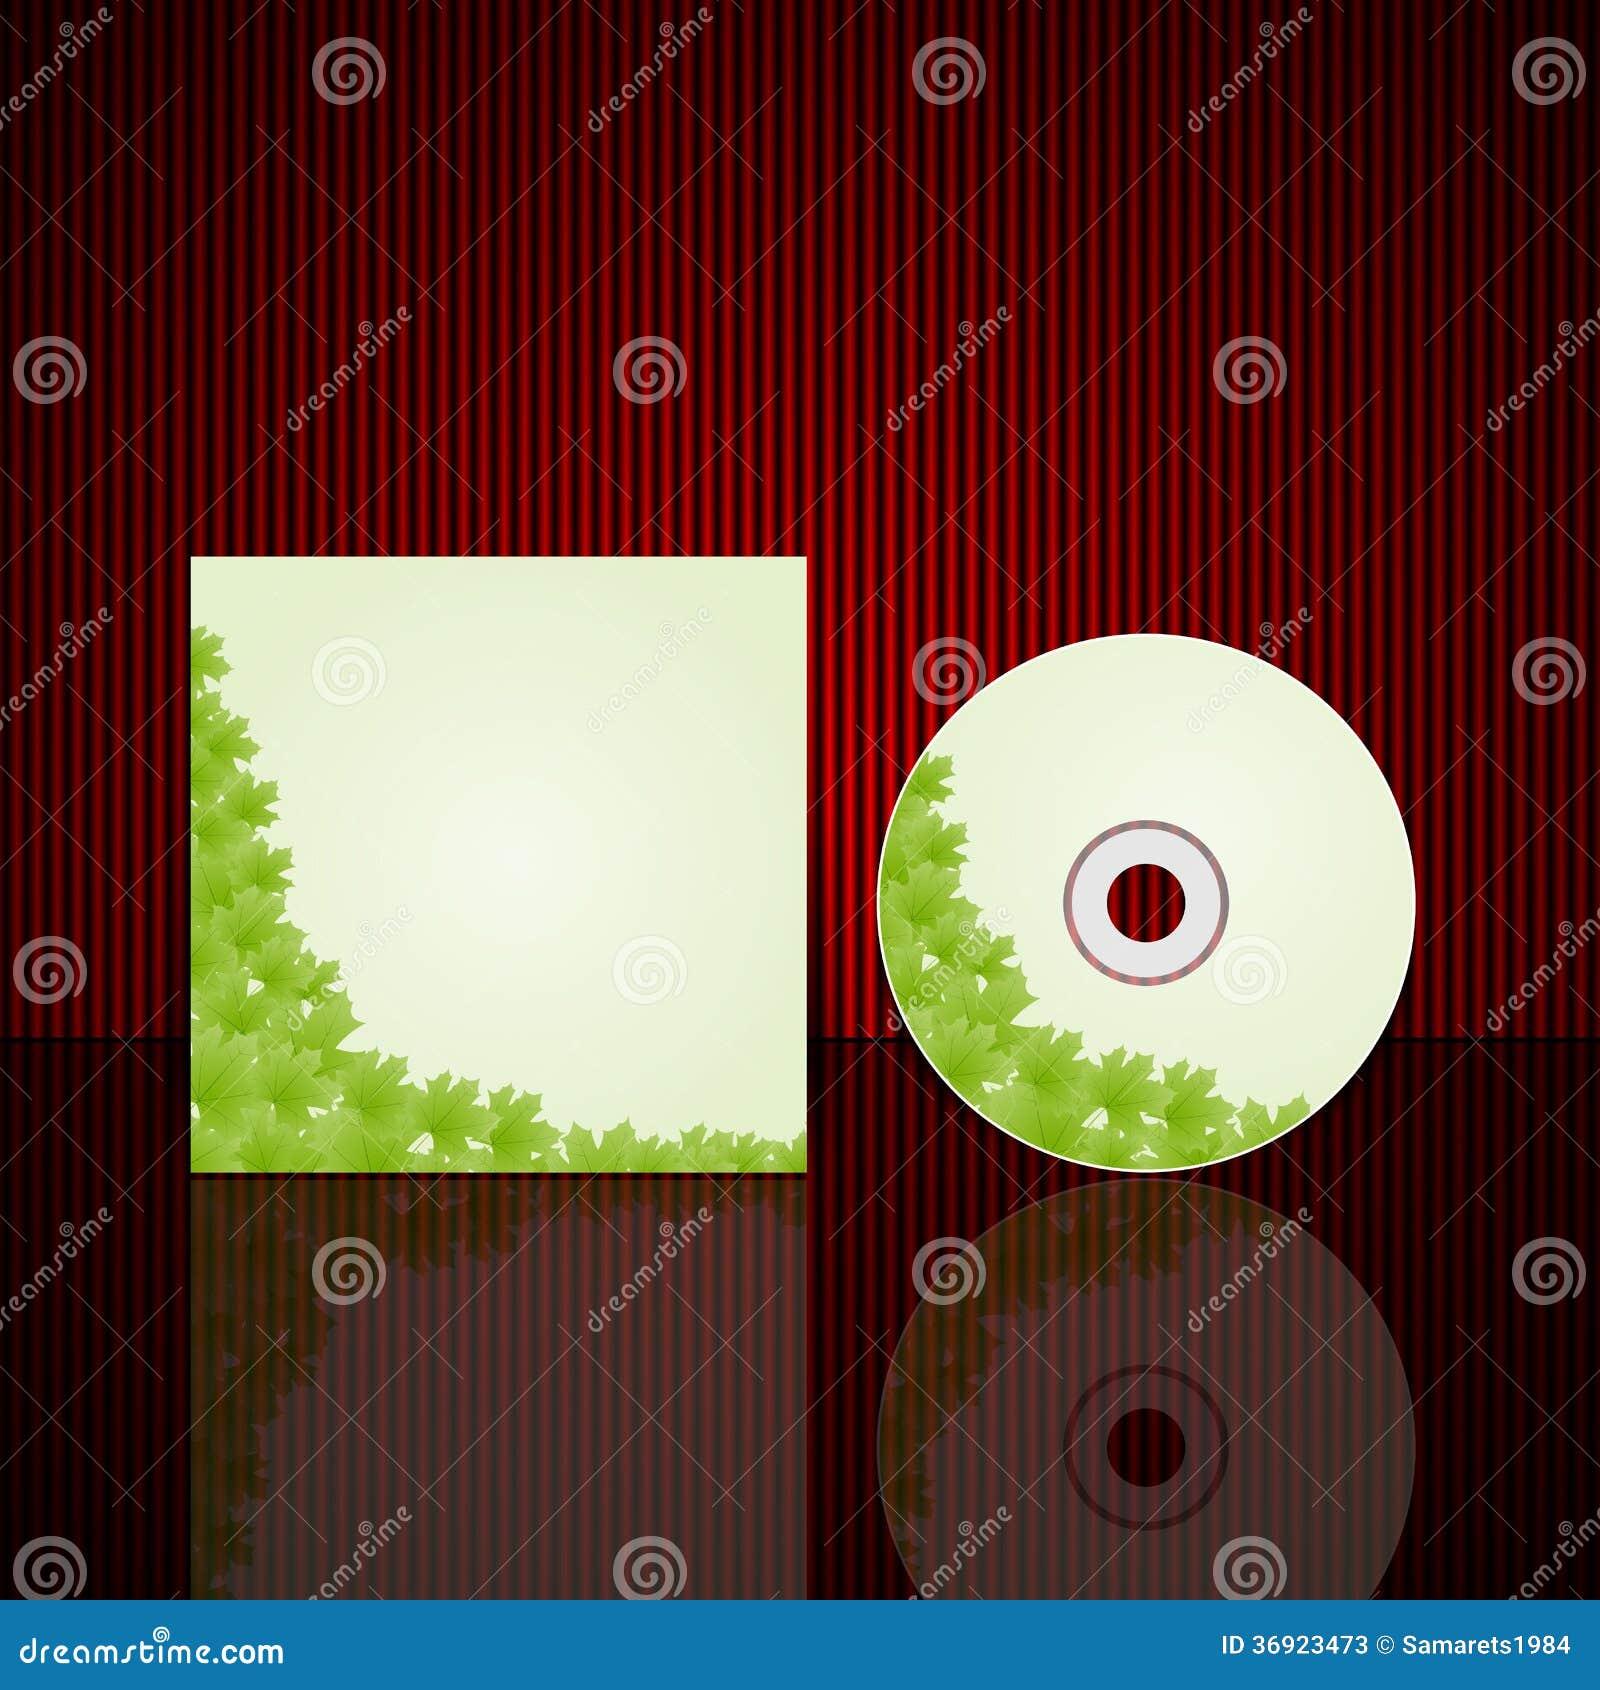 Modello di progettazione della copertura del CD. Illustrazione di vettore.